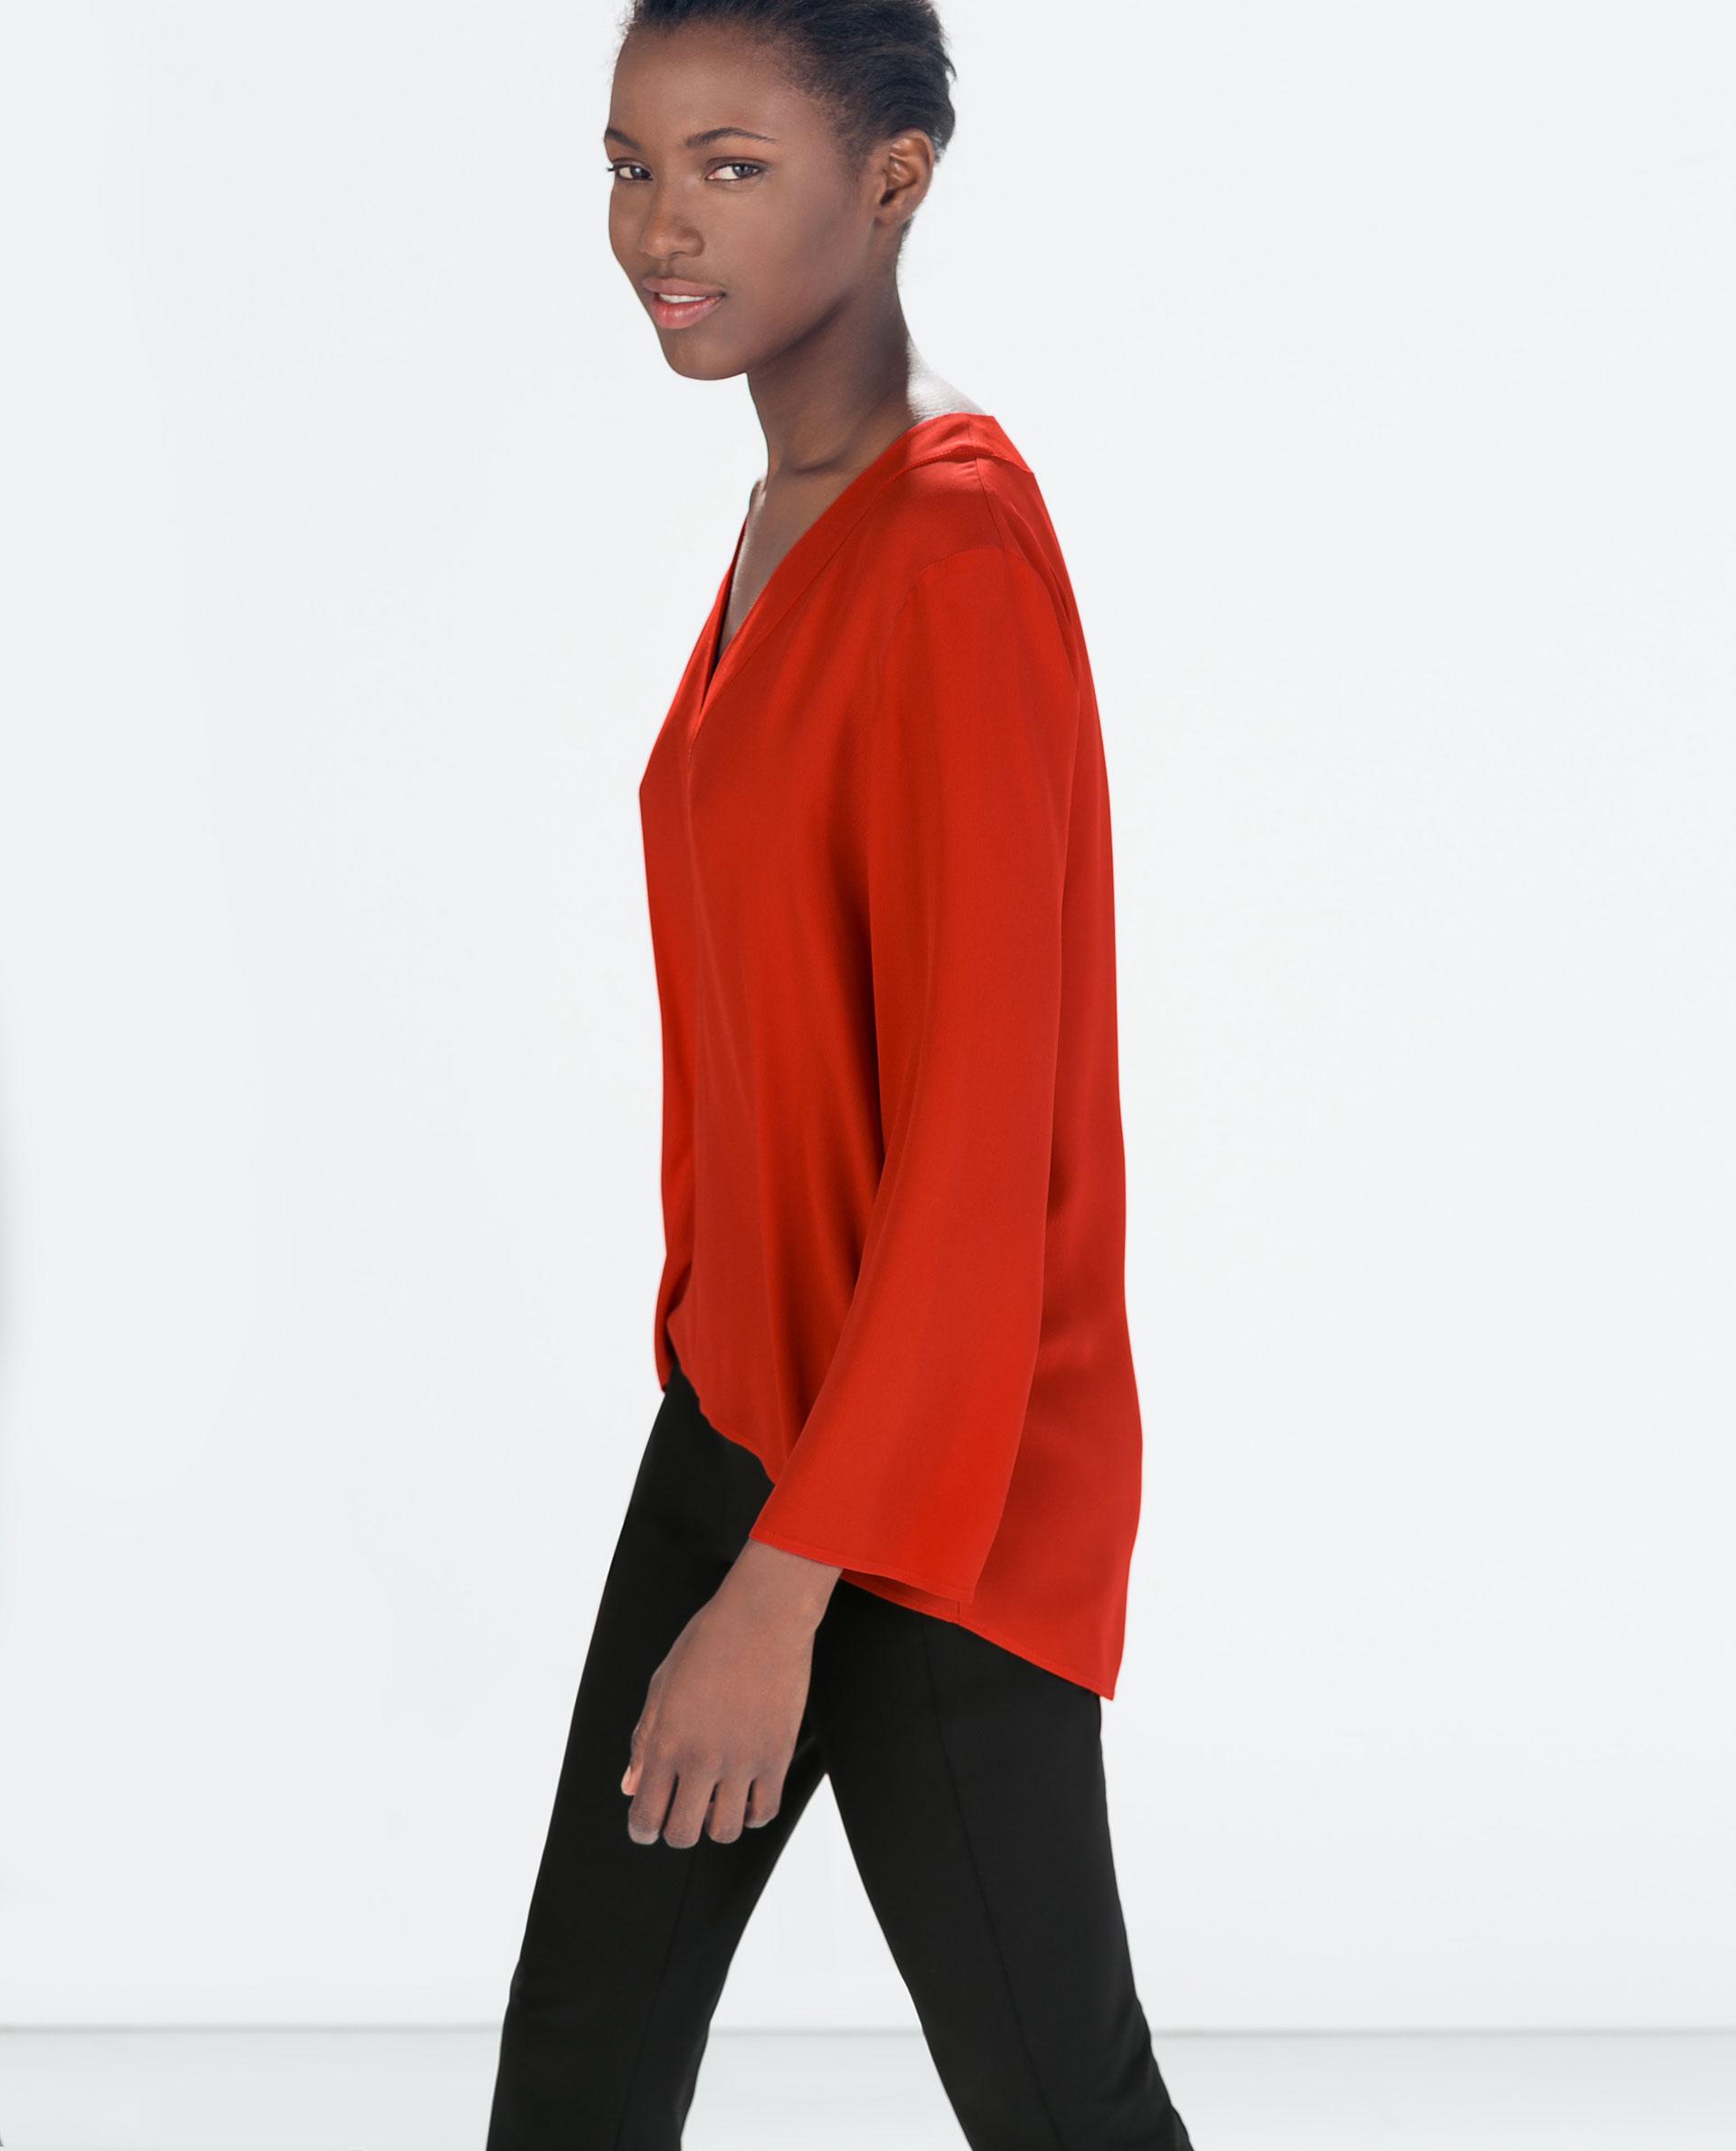 Zara Red Blouse 54